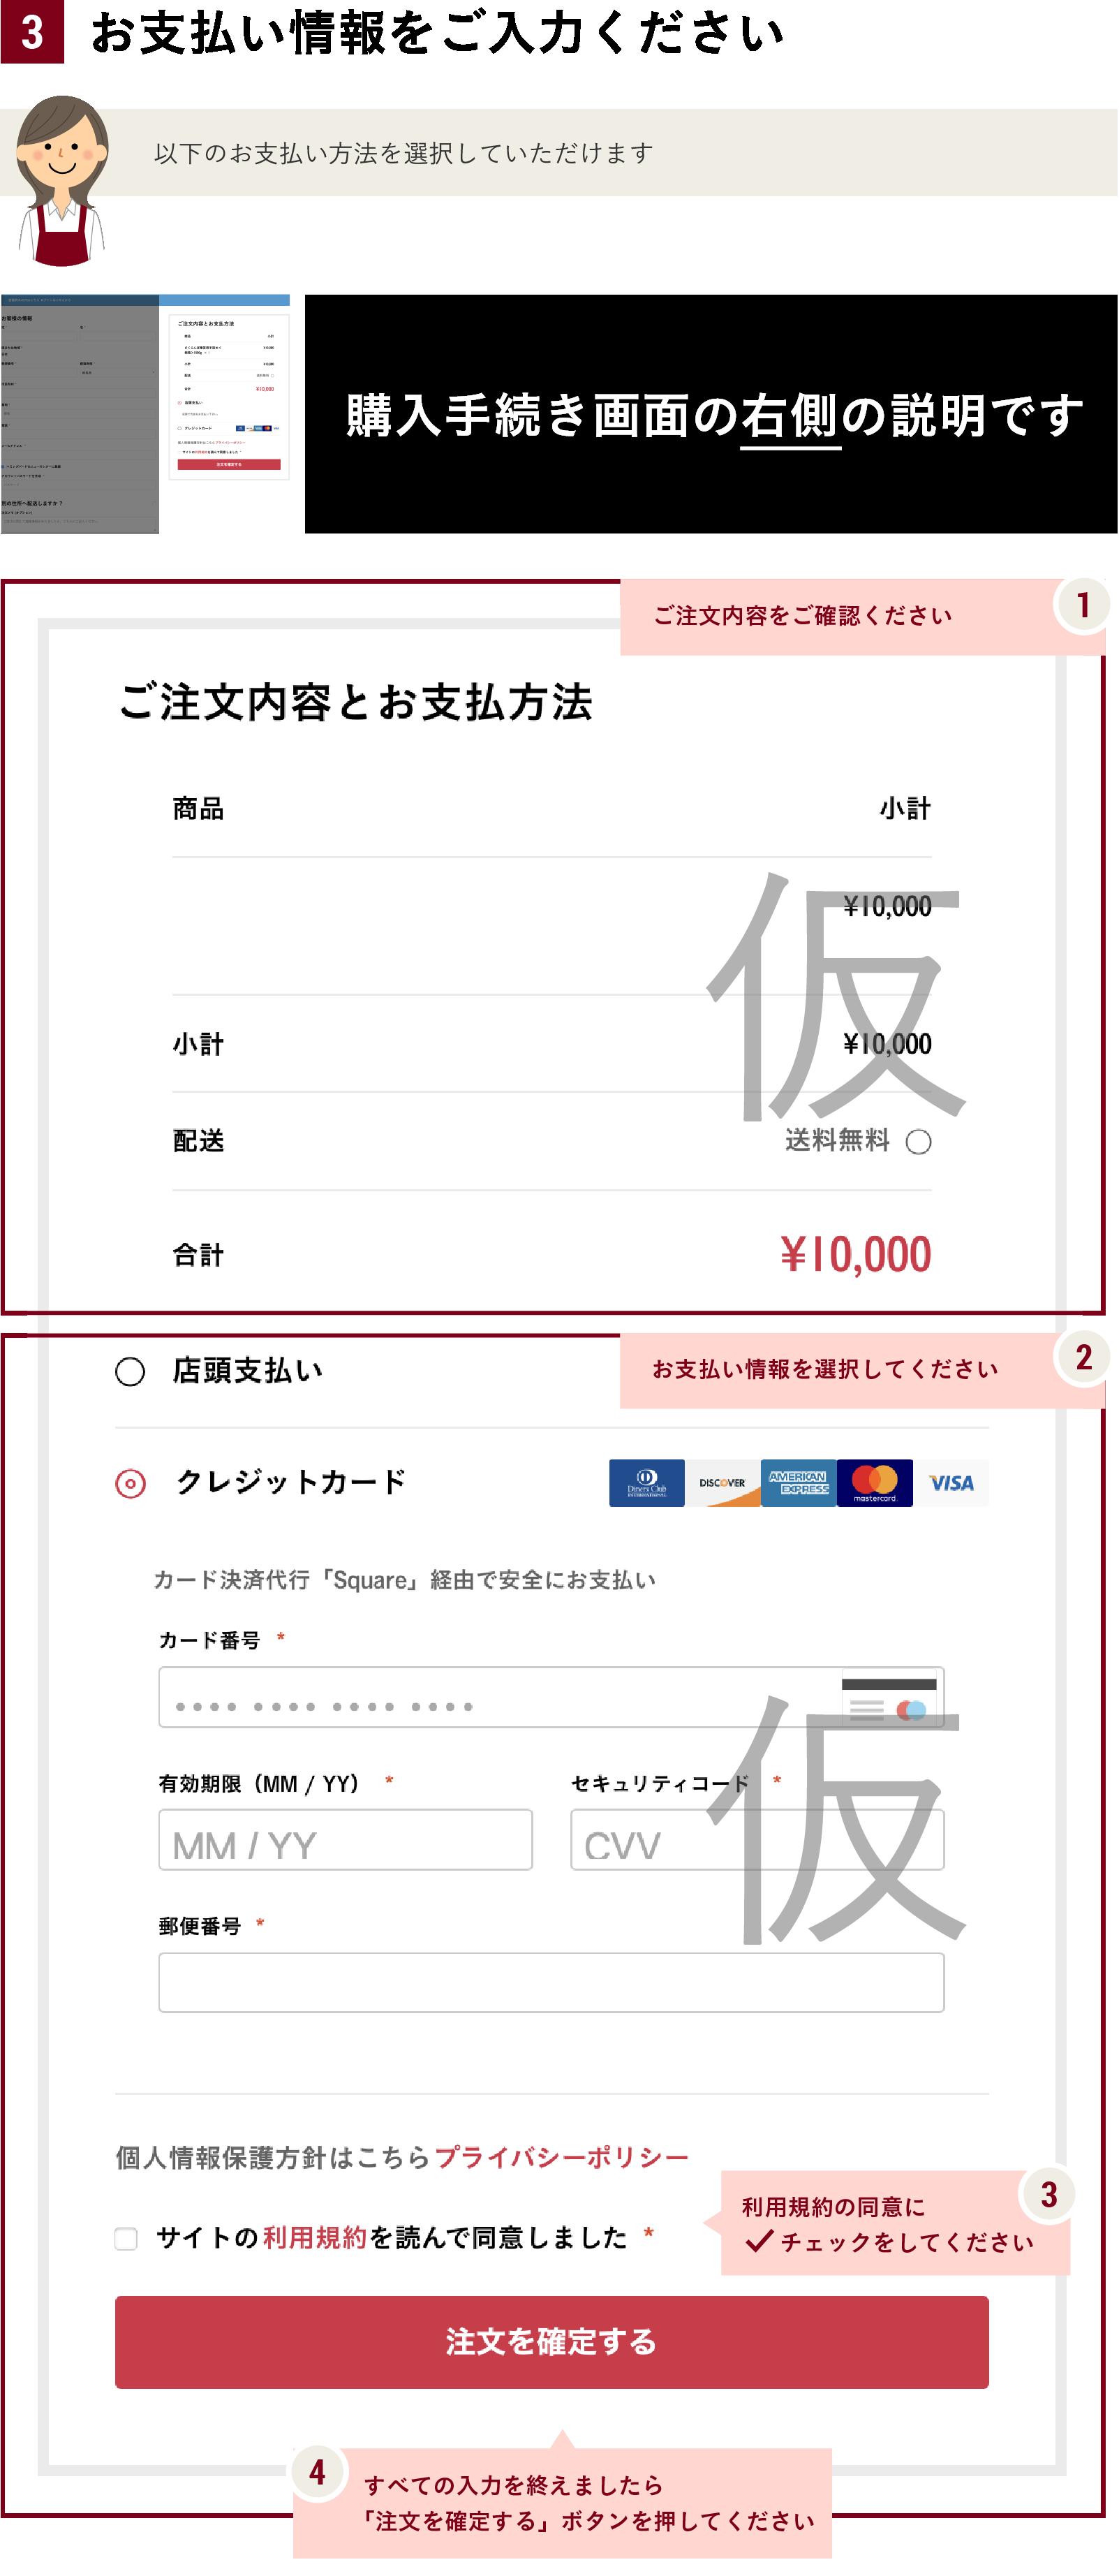 ご利用ガイド(尾瀬マルシェ)